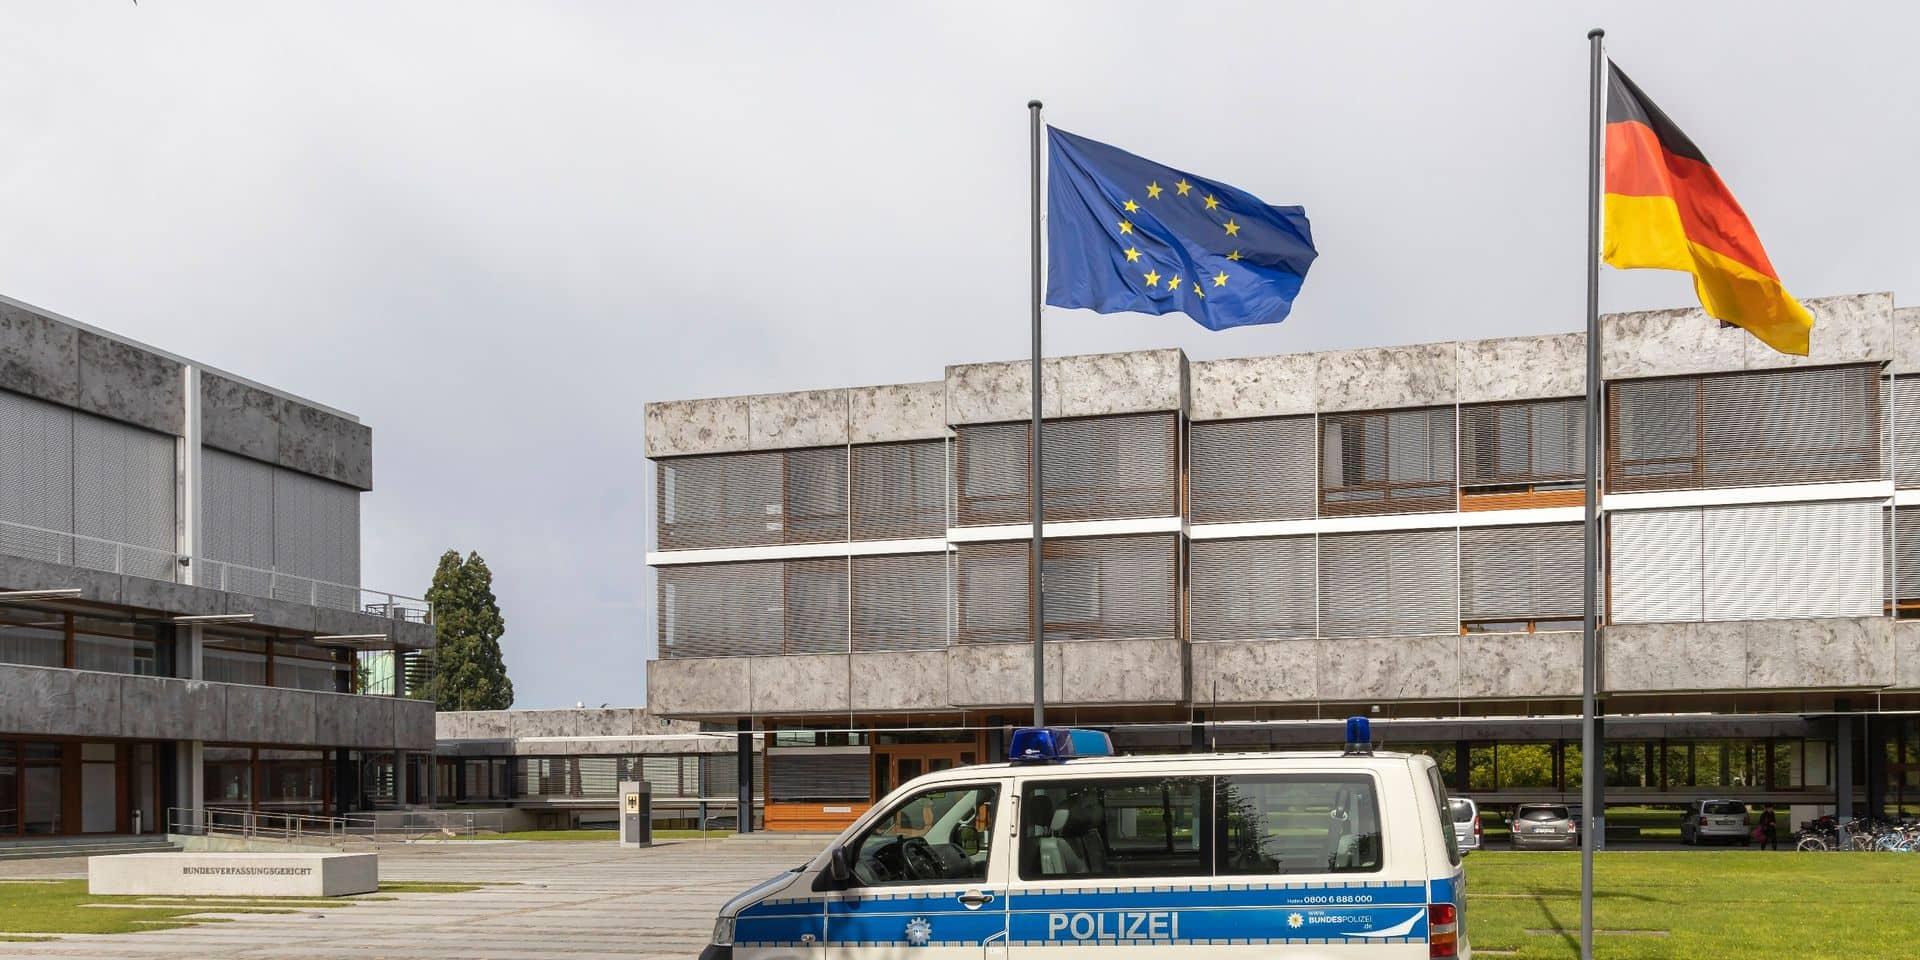 La Cour de Karlsruhe a rejeté les recours déposés par Peter Gauweiler, ancien député de la CSU bavaroise, et Bernd Lucke, fondateur du parti populiste AfD, qui jugeaient que la BCE n'avait pas fourni aux autorités allemandes un argumentaire suffisant.